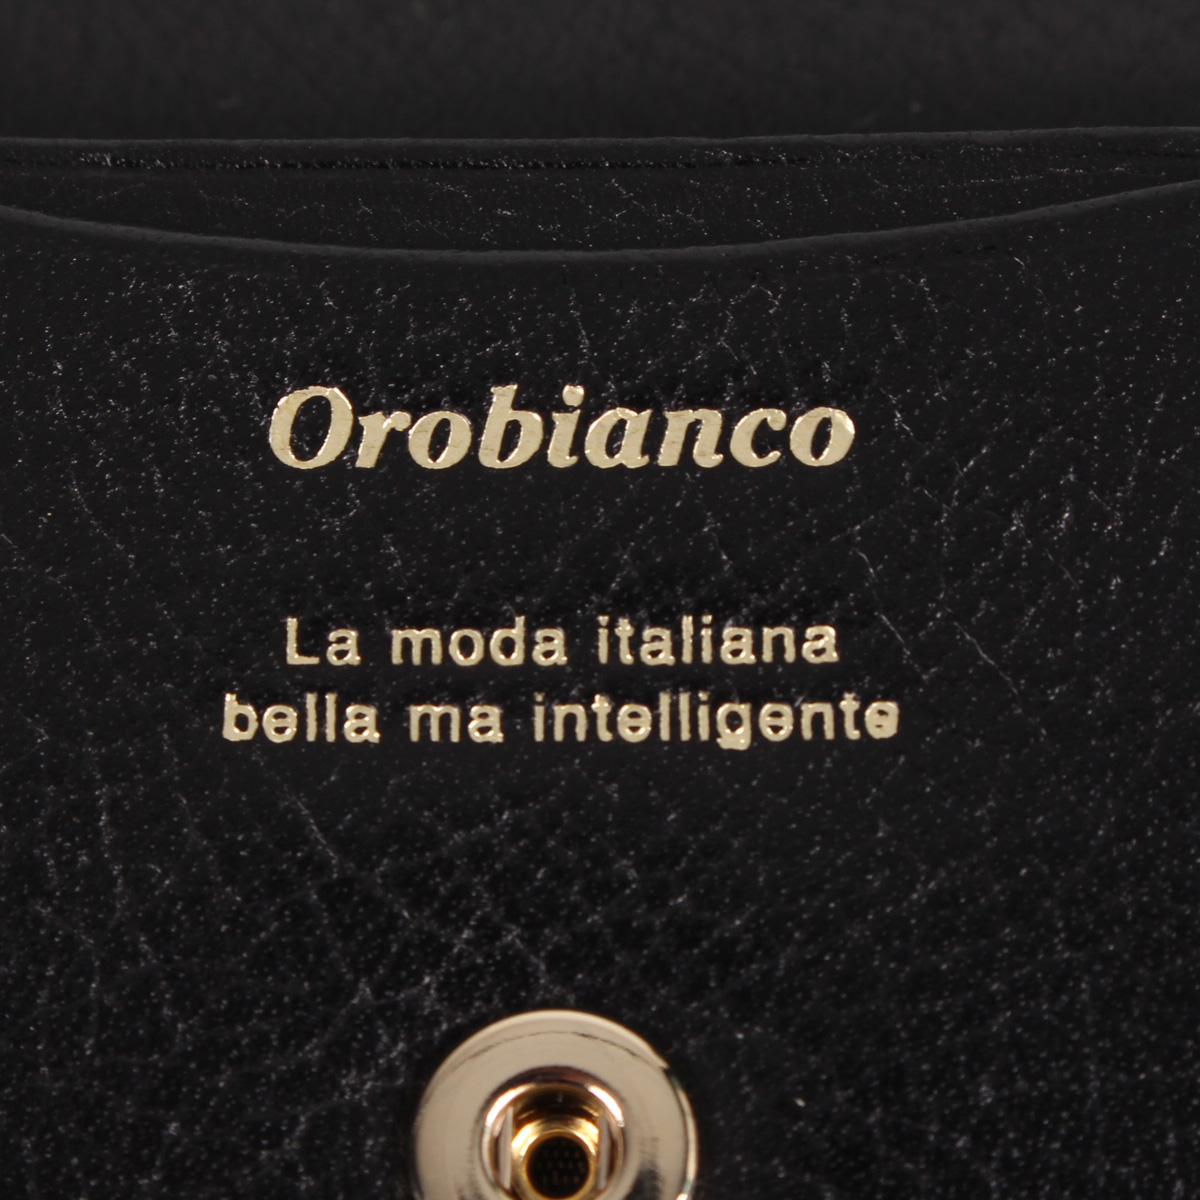 Orobianco COIN CASE オロビアンコ 財布 小銭入れ コインケース メンズ 本革 ブラック 黒 ORS 0306HEWD29I